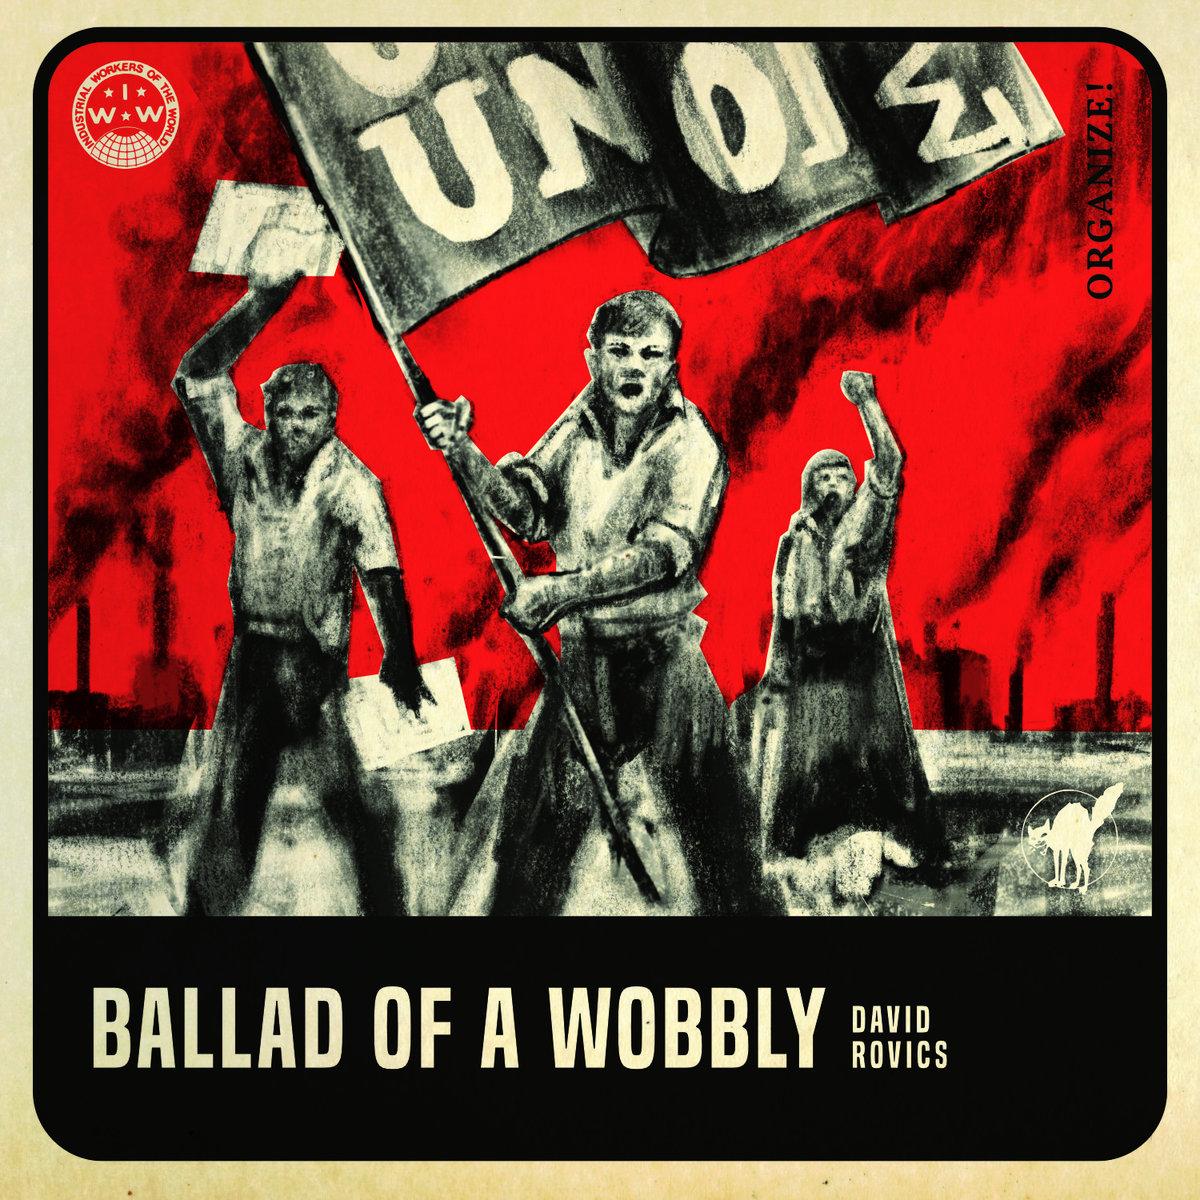 Ballad of a Wobbly | David Rovics